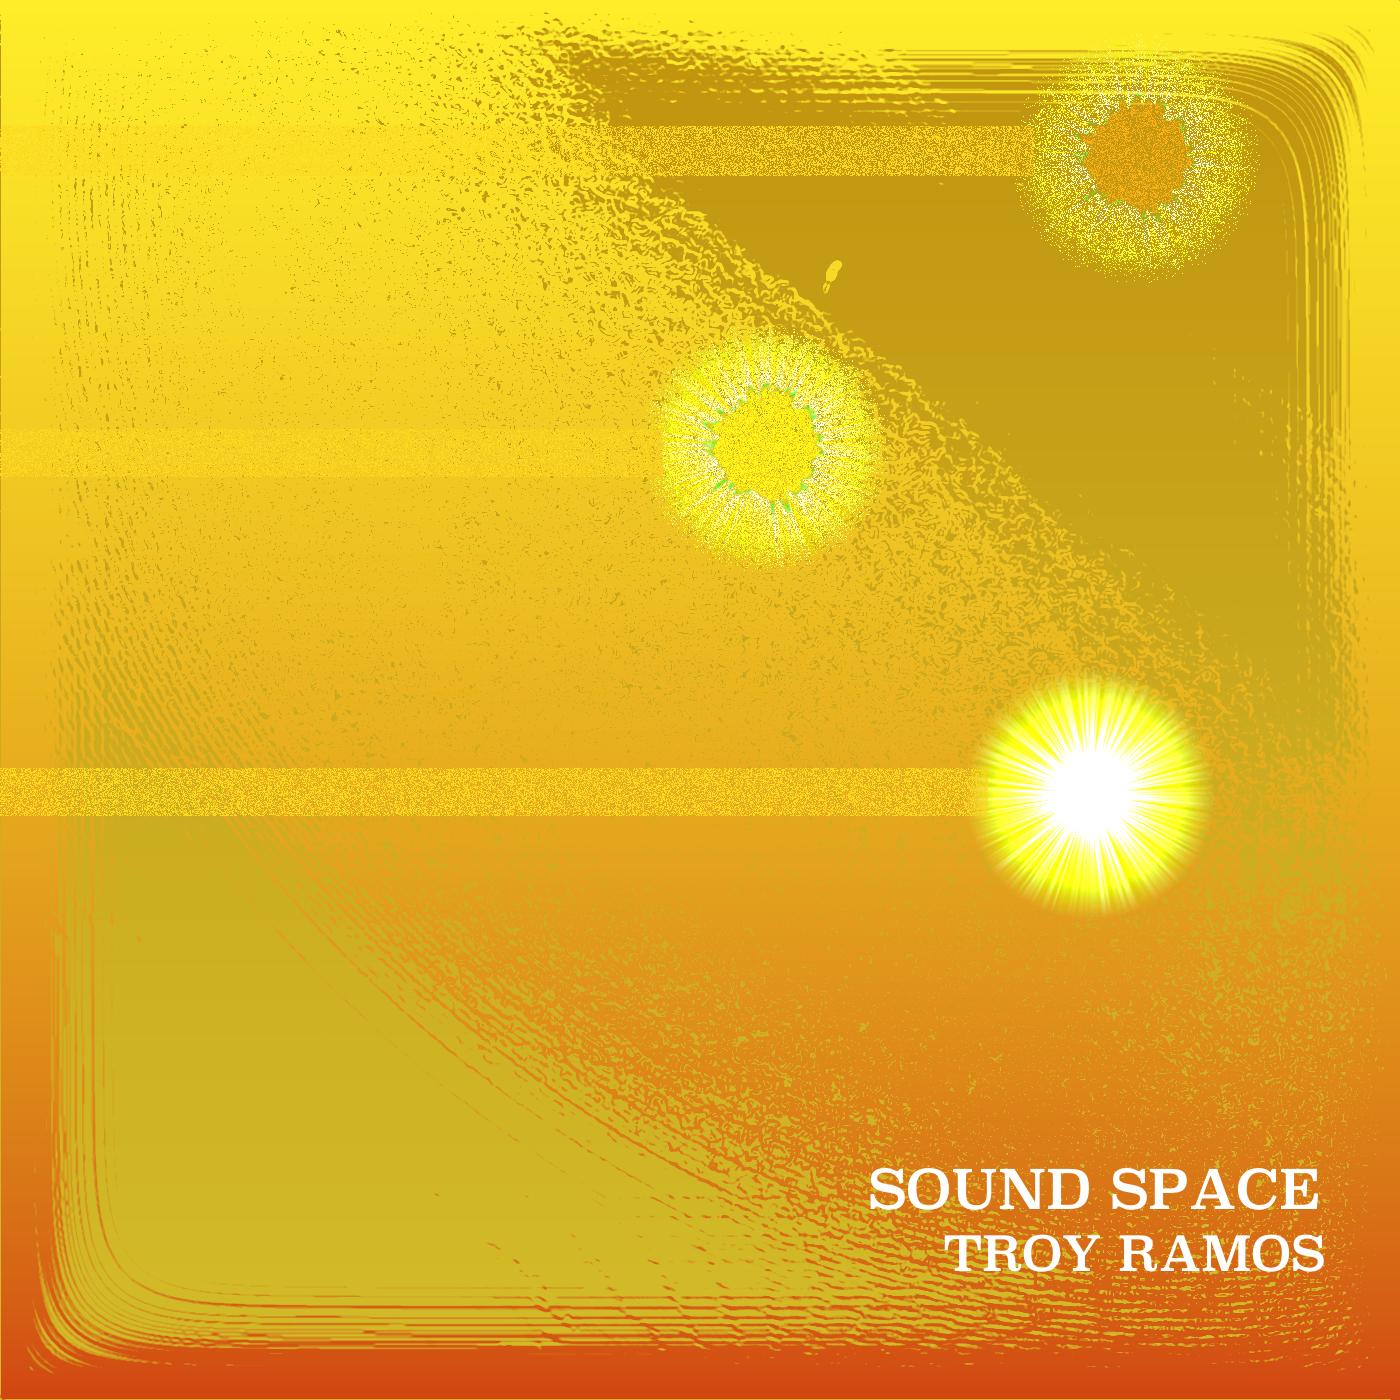 Sound Space LP Cover Album 2019.jpg